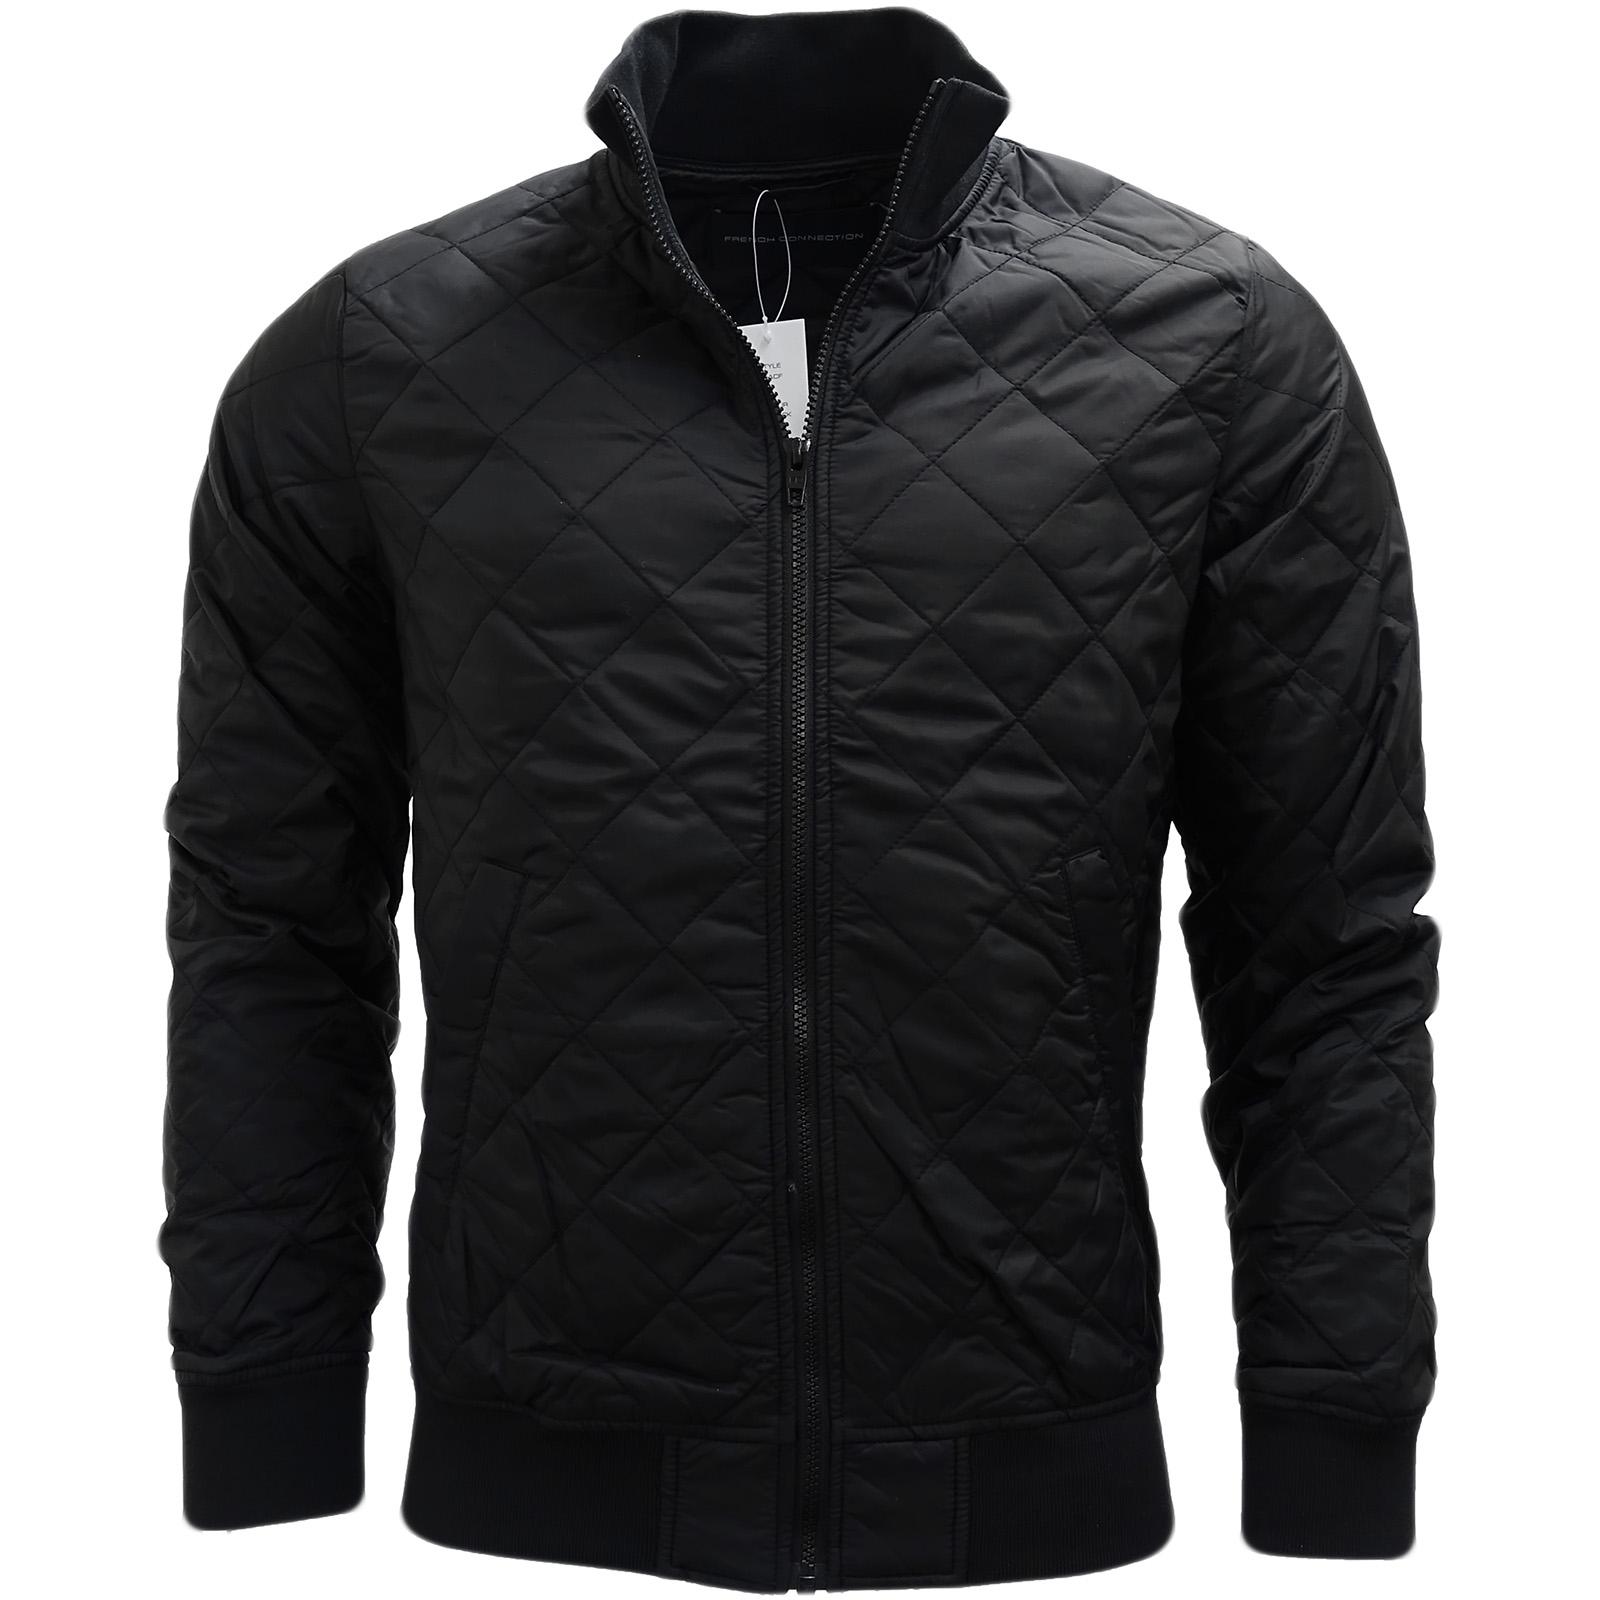 Abrigo-de-abrigo-abrigos-de-piel-de-oveja-ligera-negra-de-French-Connection